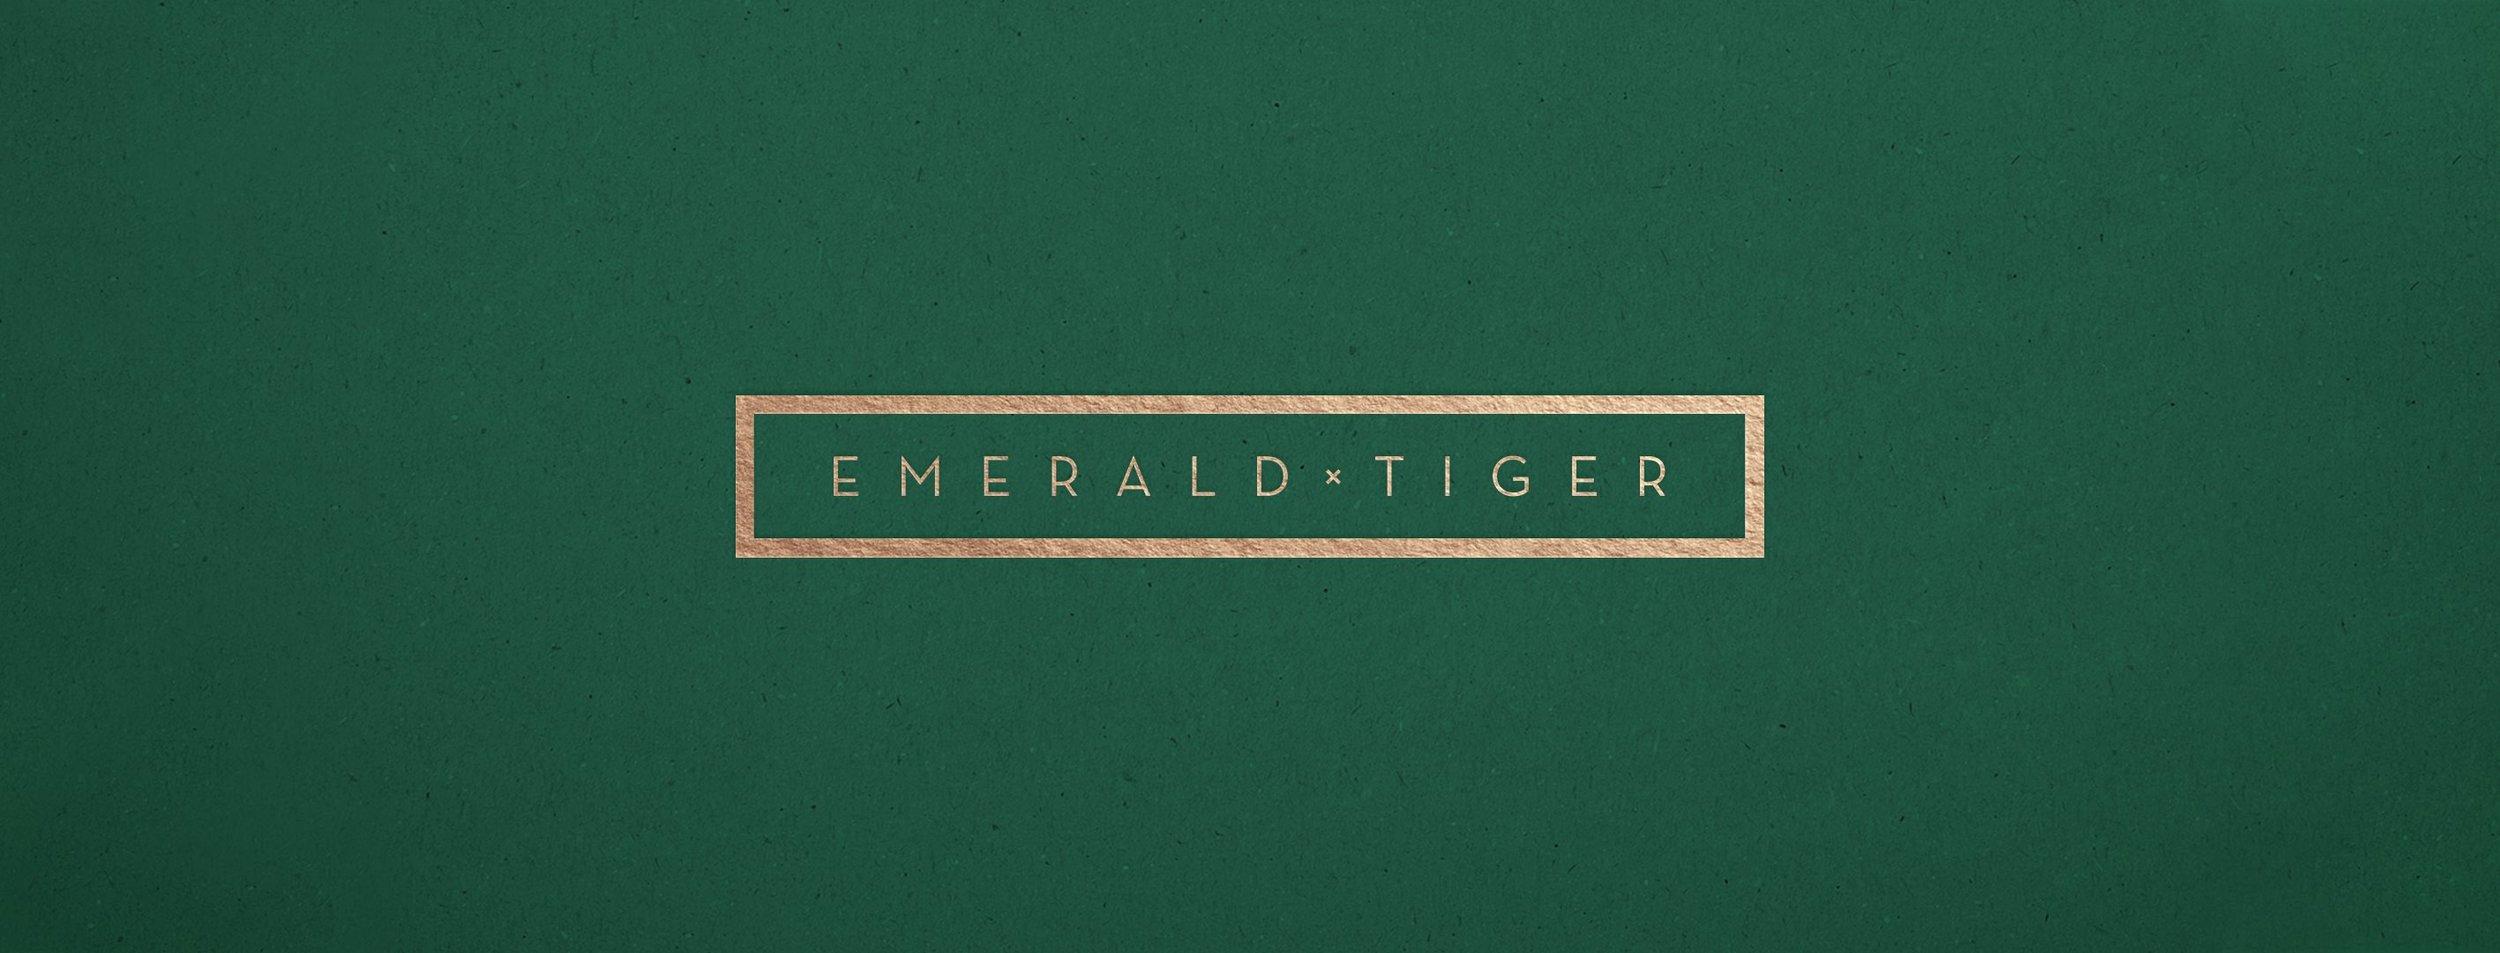 Emerald Tiger logo.JPG